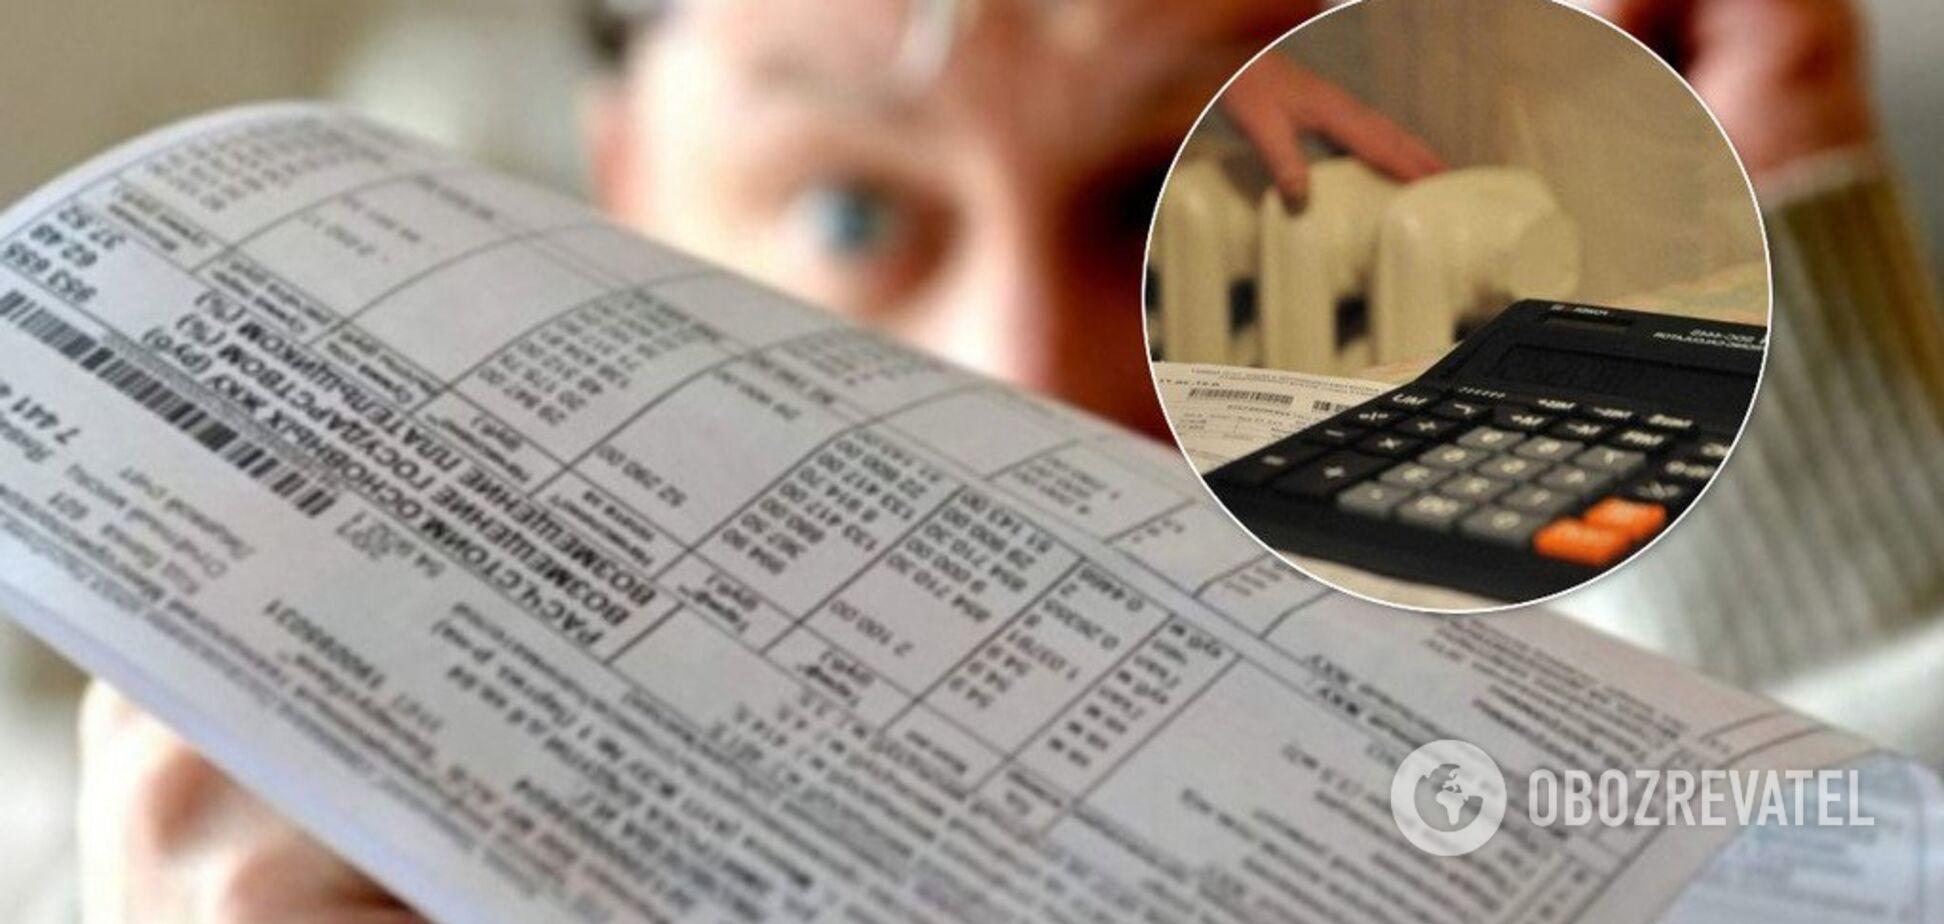 Українцям повернуть плату за комуналку: як отримати гроші